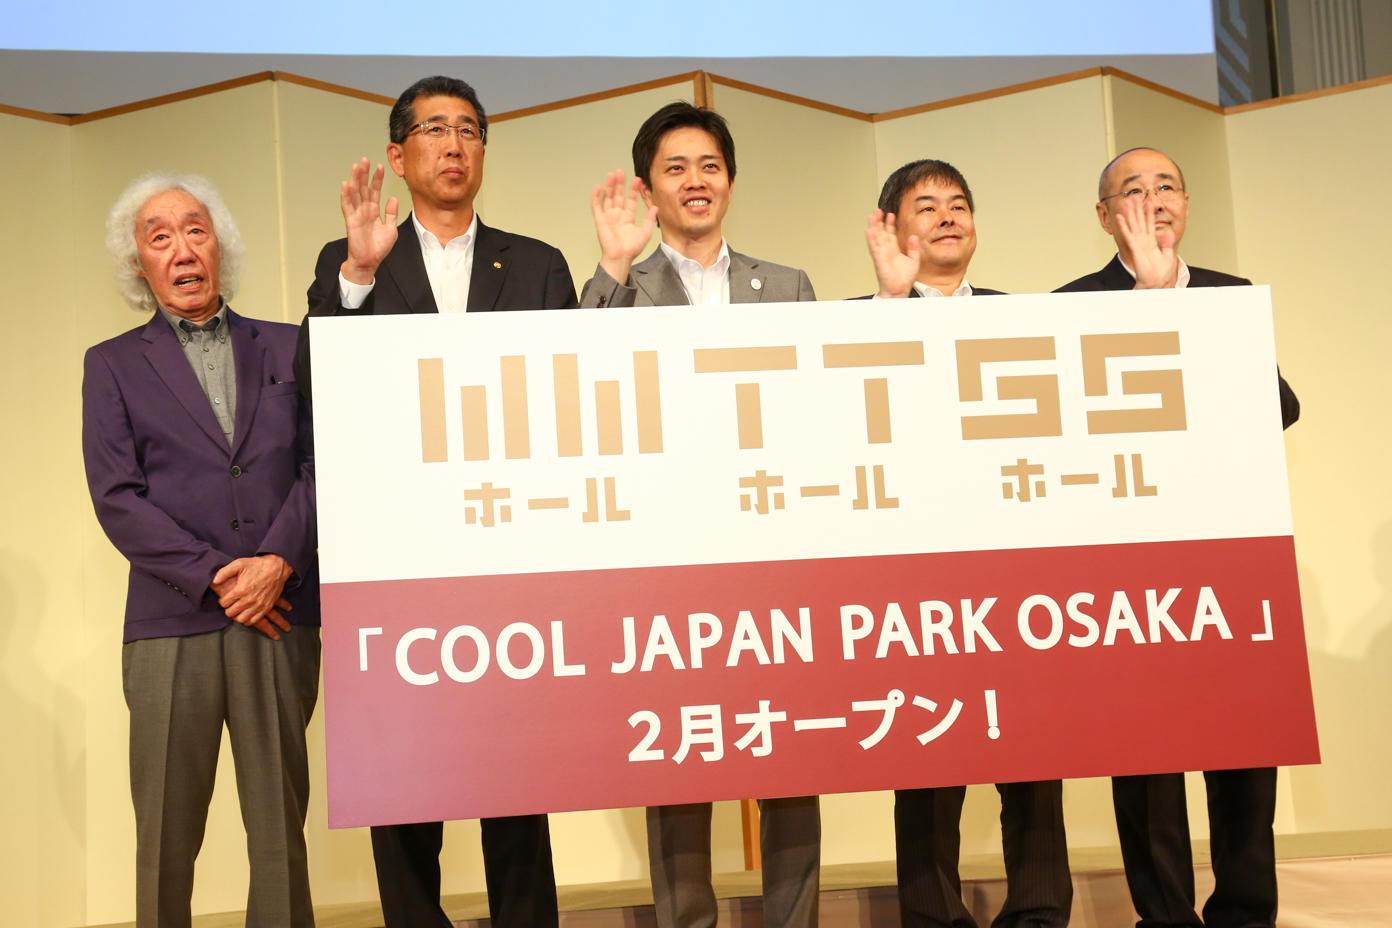 http://news.yoshimoto.co.jp/20180705192914-4c247051cc5dc735f446ec275082dbaf0168e07f.jpg